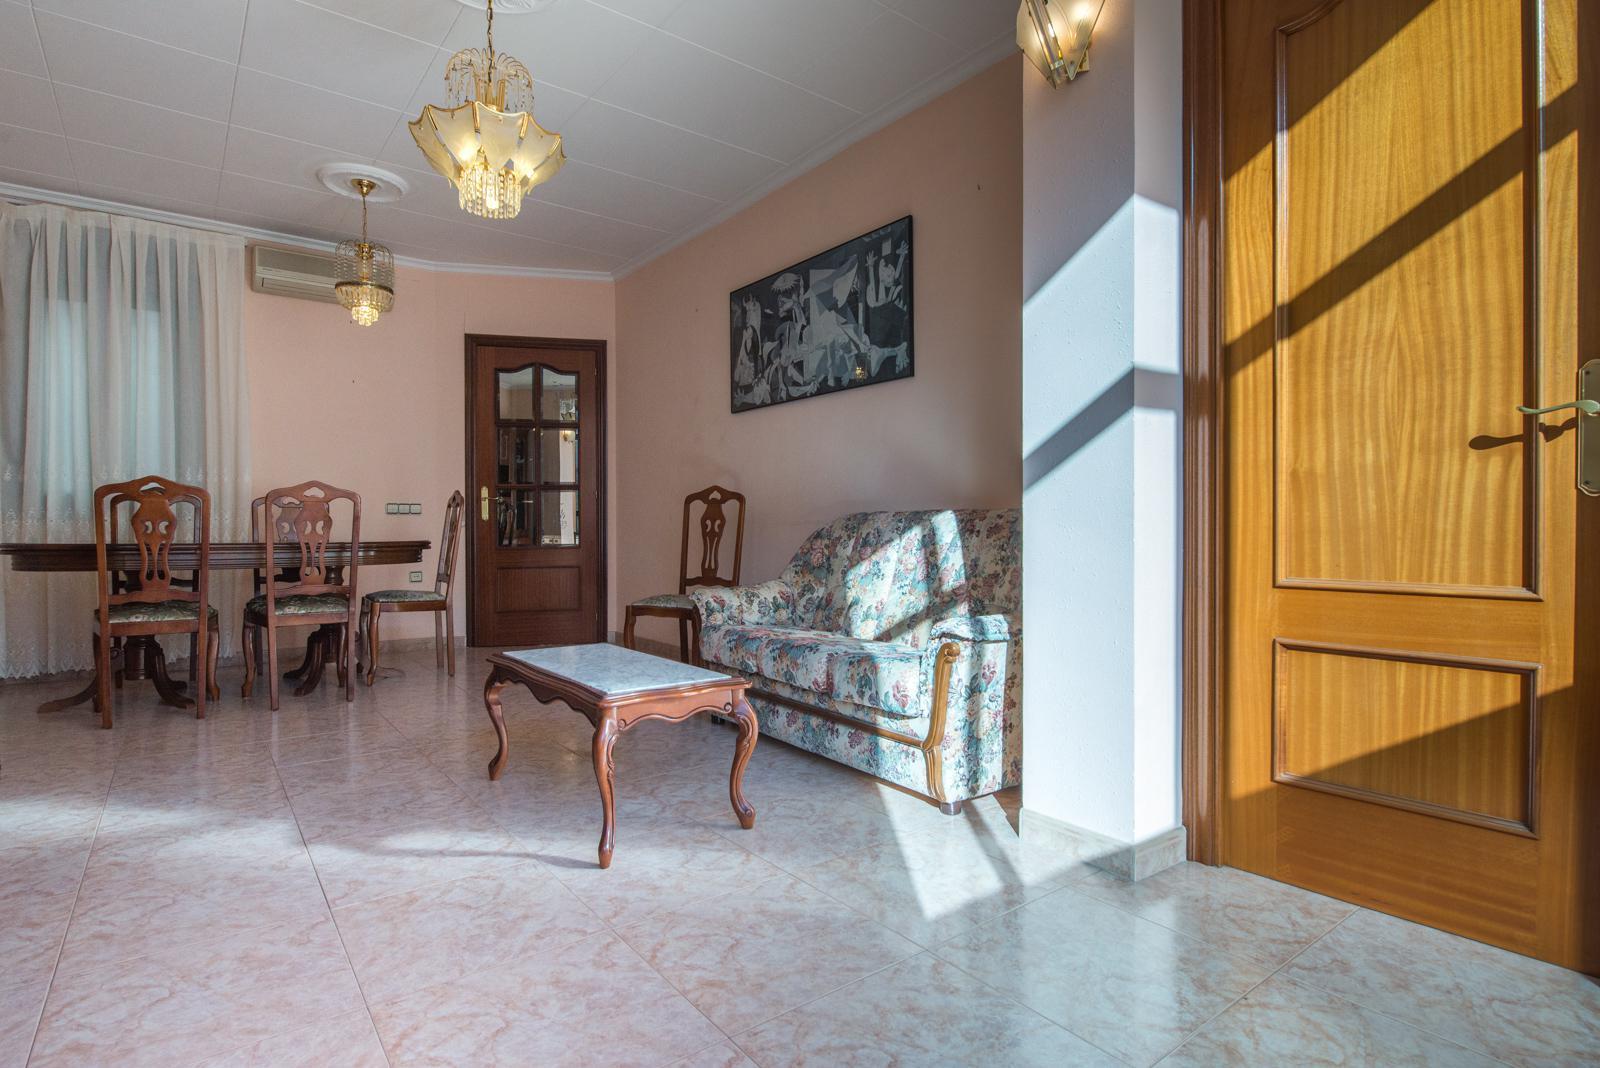 flat-for-sale-in-jto-parallel-salva-el-poble-sec-in-barcelona-226572548